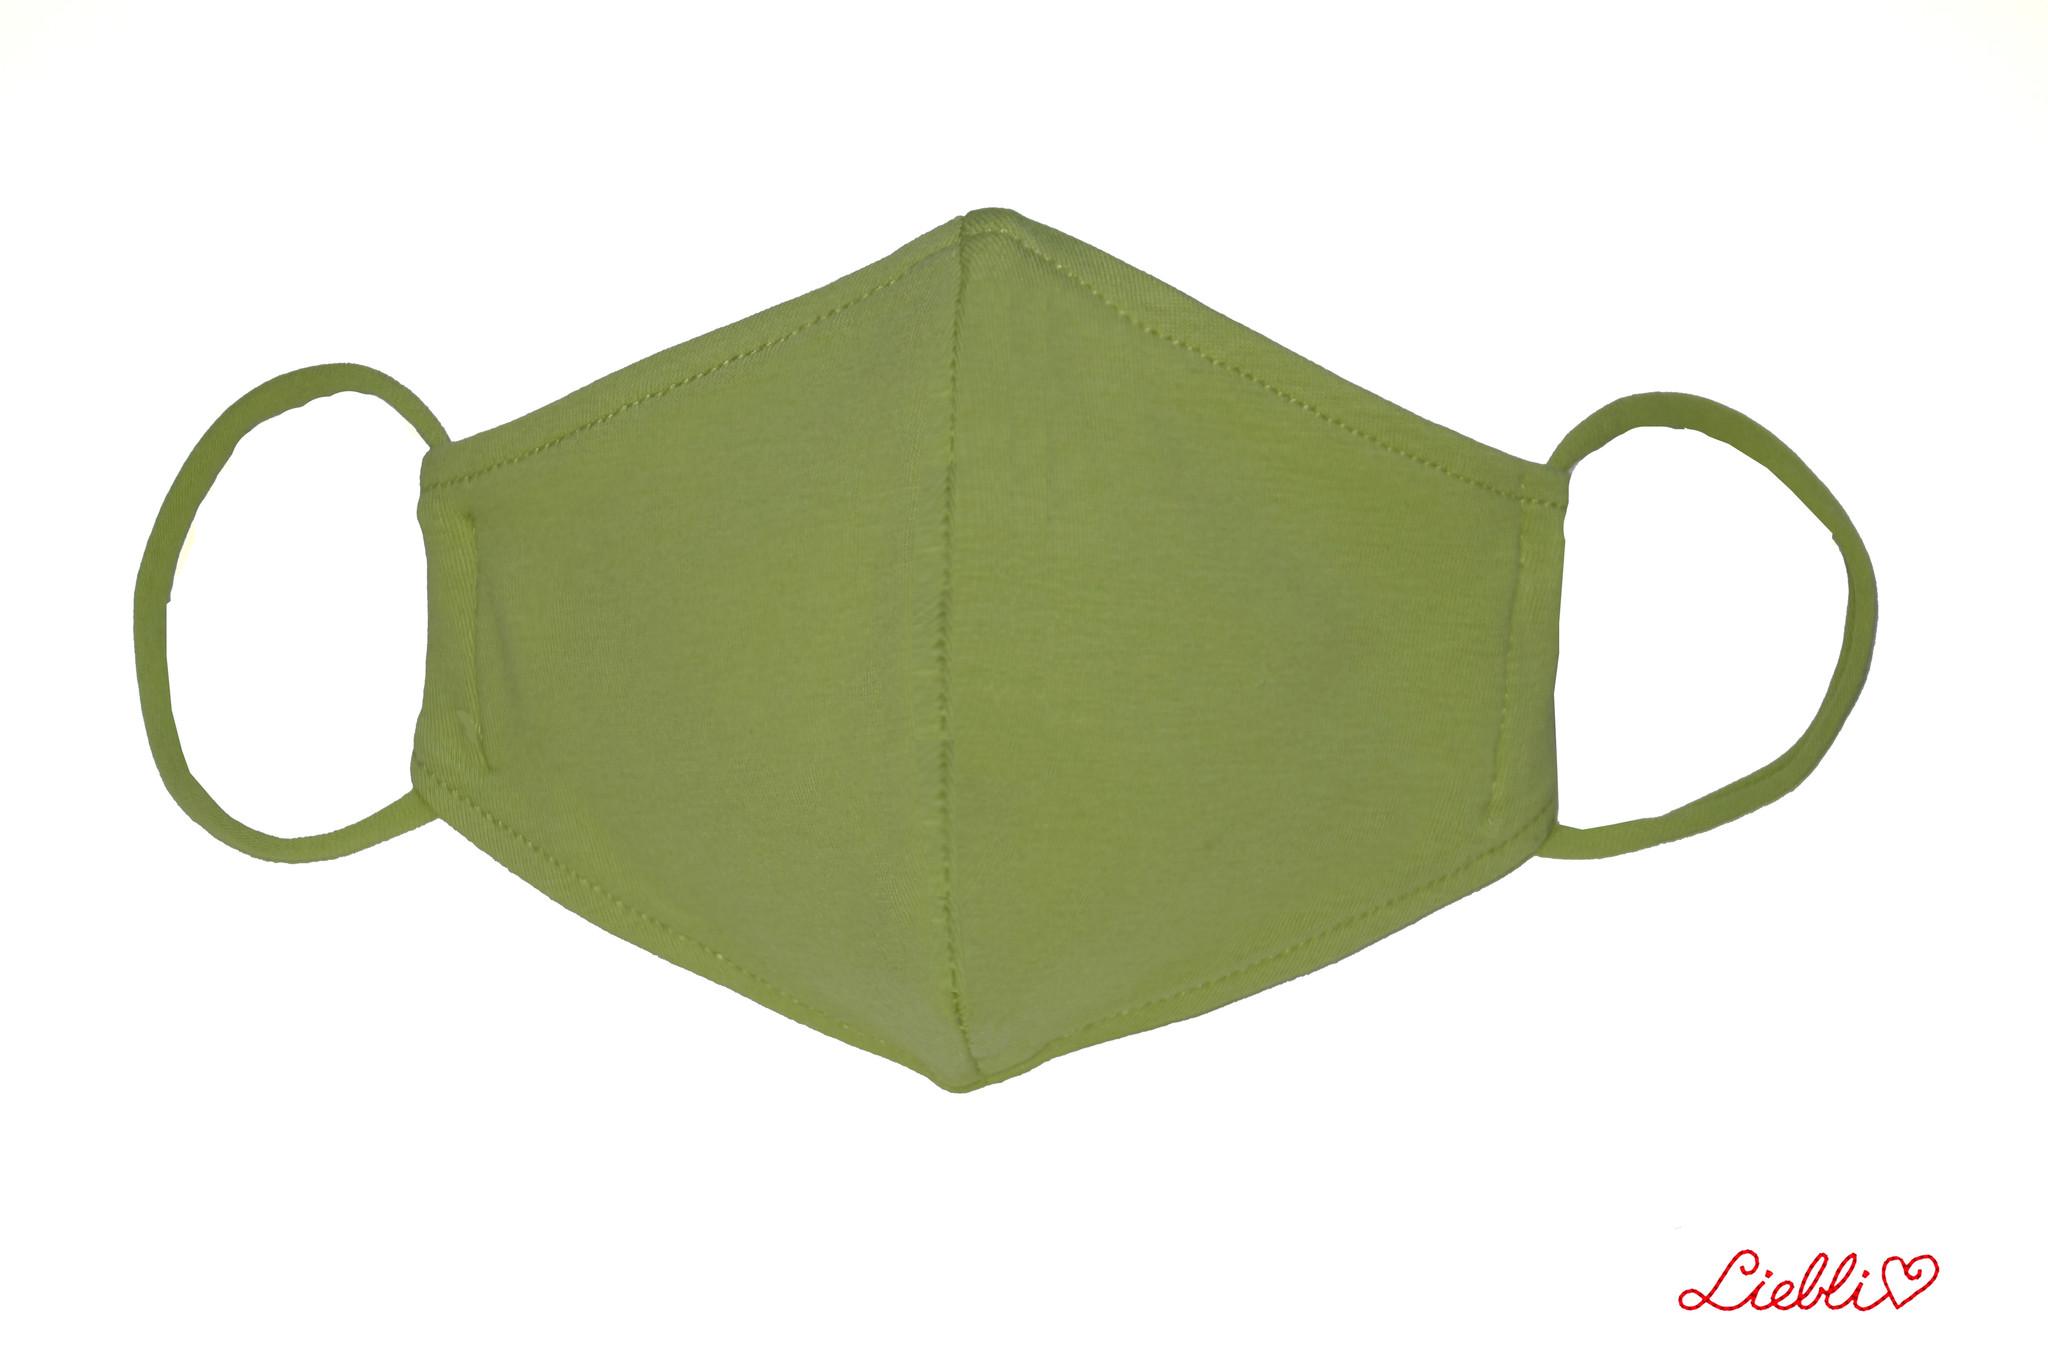 Waschbare, wiederverwendbare Stoffmaske, Mund-Nasen Maske, olivgrün